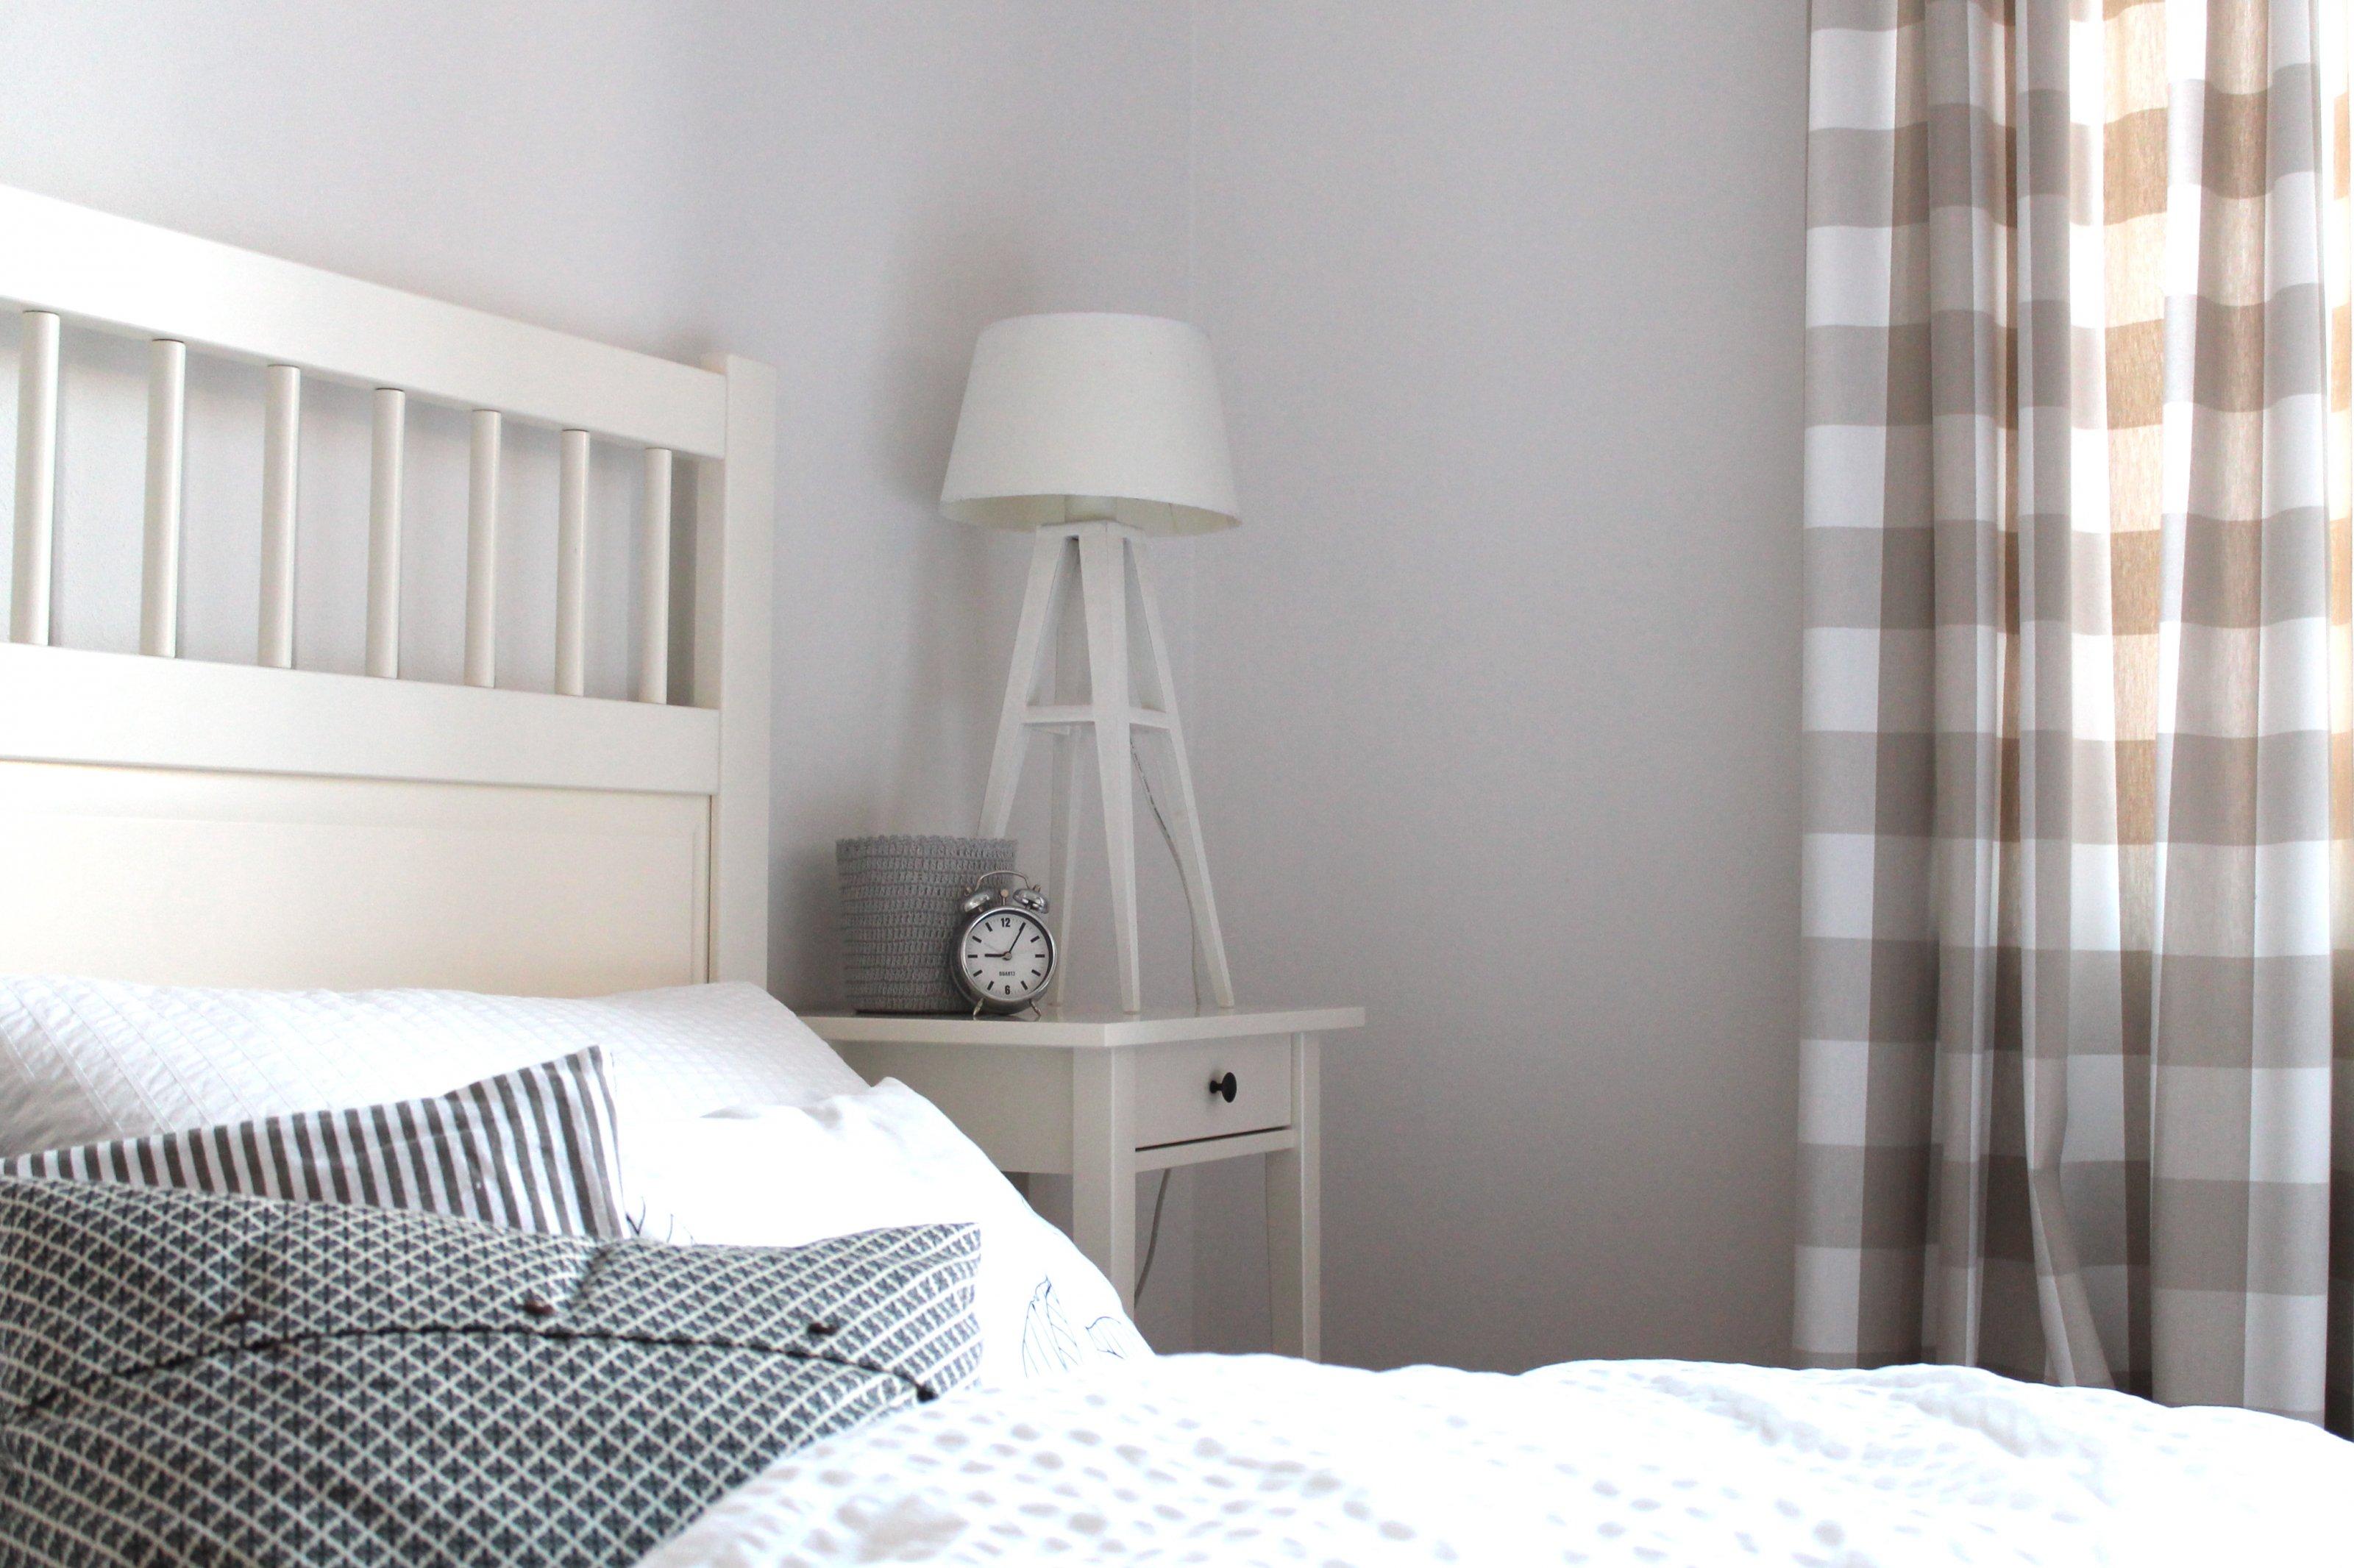 schlafzimmer 39 schlafzimmer 39 die neue wohnung zimmerschau. Black Bedroom Furniture Sets. Home Design Ideas